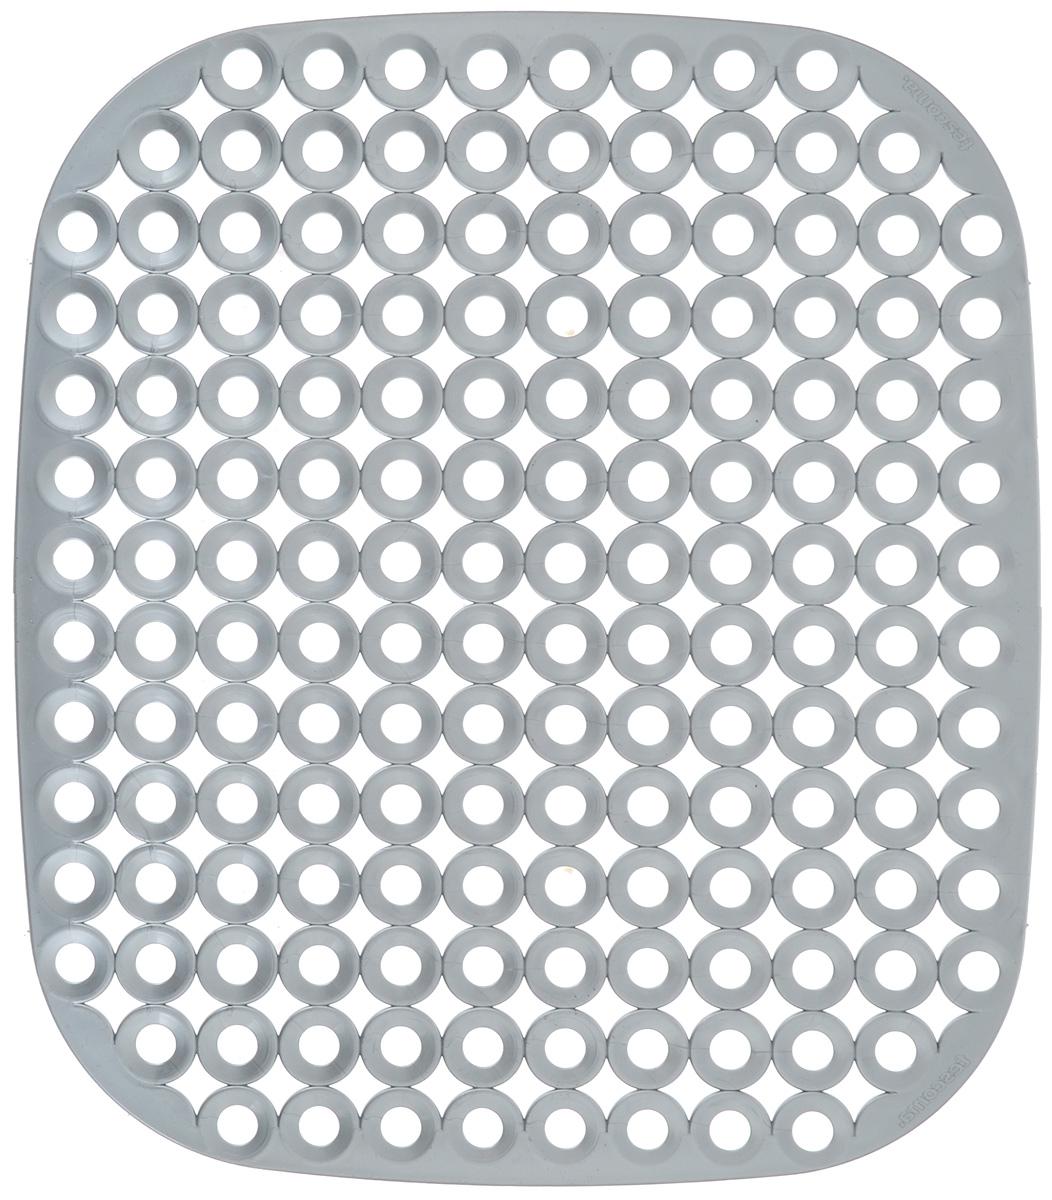 Коврик для раковины Tescoma Clean Kit, цвет: серый, 32 х 28 см900638_серыйСтильный и удобный коврик для раковины Tescoma Clean Kit выполнен из пластика. Он одновременно выполняет несколько функций: украшает, защищает мойку от царапин и сколов, смягчает удары при падении посуды в мойку, препятствует разбрызгиванию струи воды. Коврик также можно использовать для сушки посуды, фруктов и овощей. Нельзя мыть в посудомоечной машине.